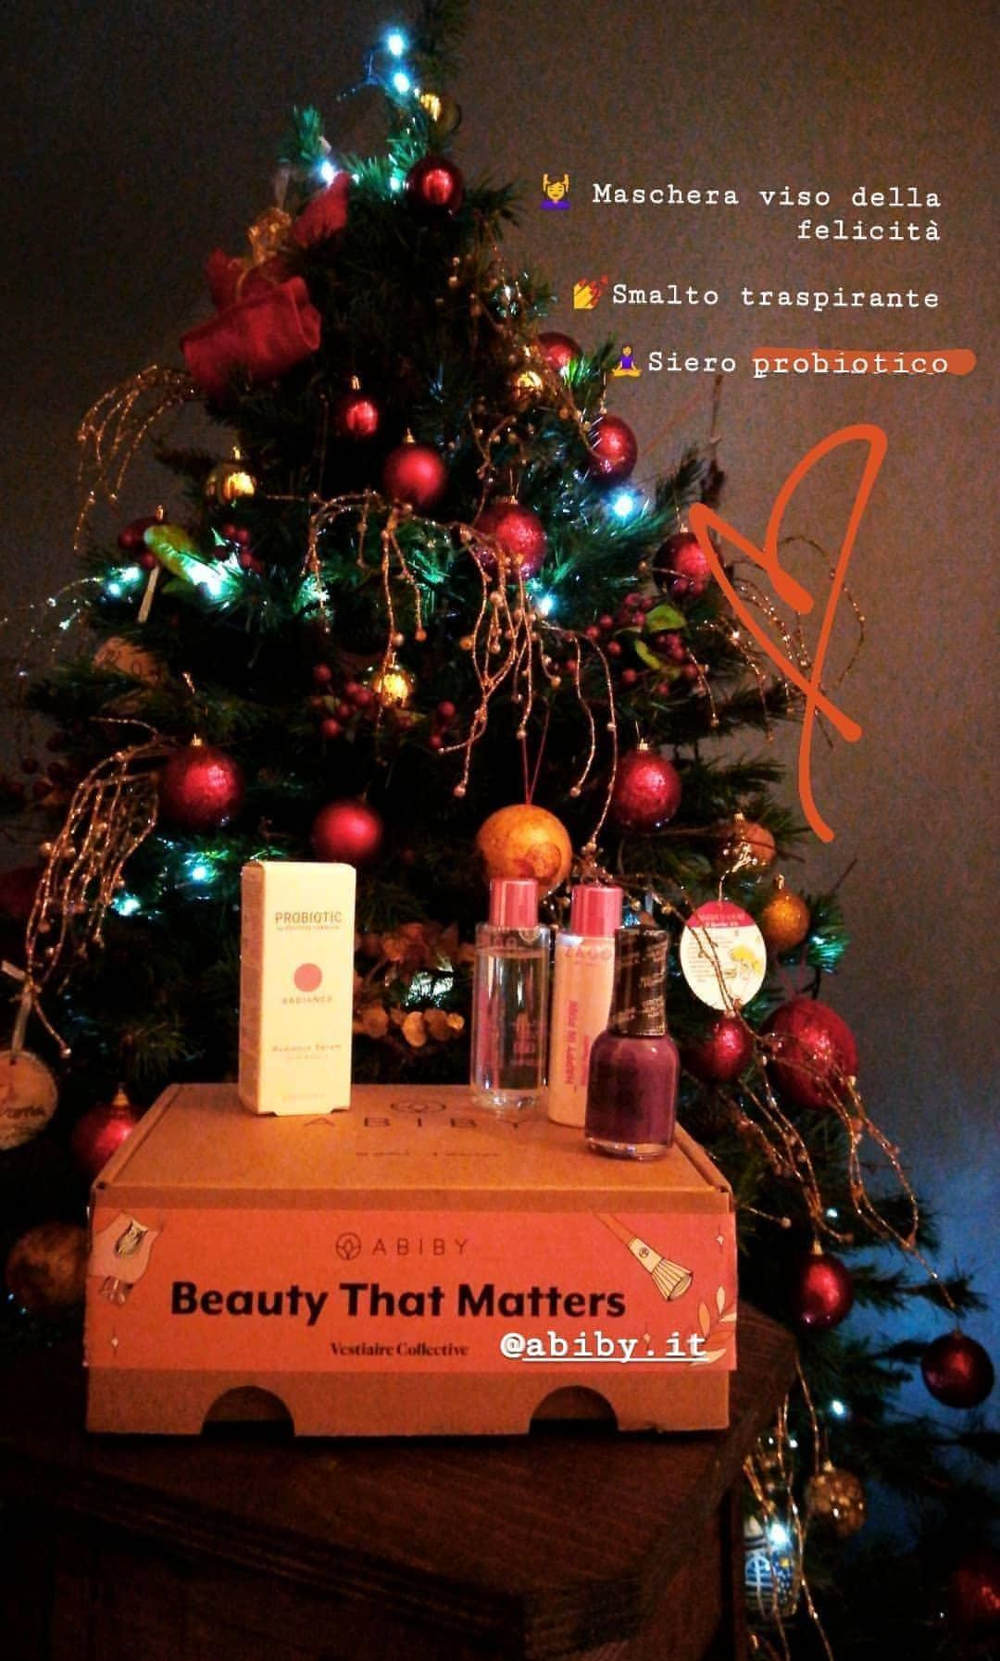 Beauty box natalizia di Abiby